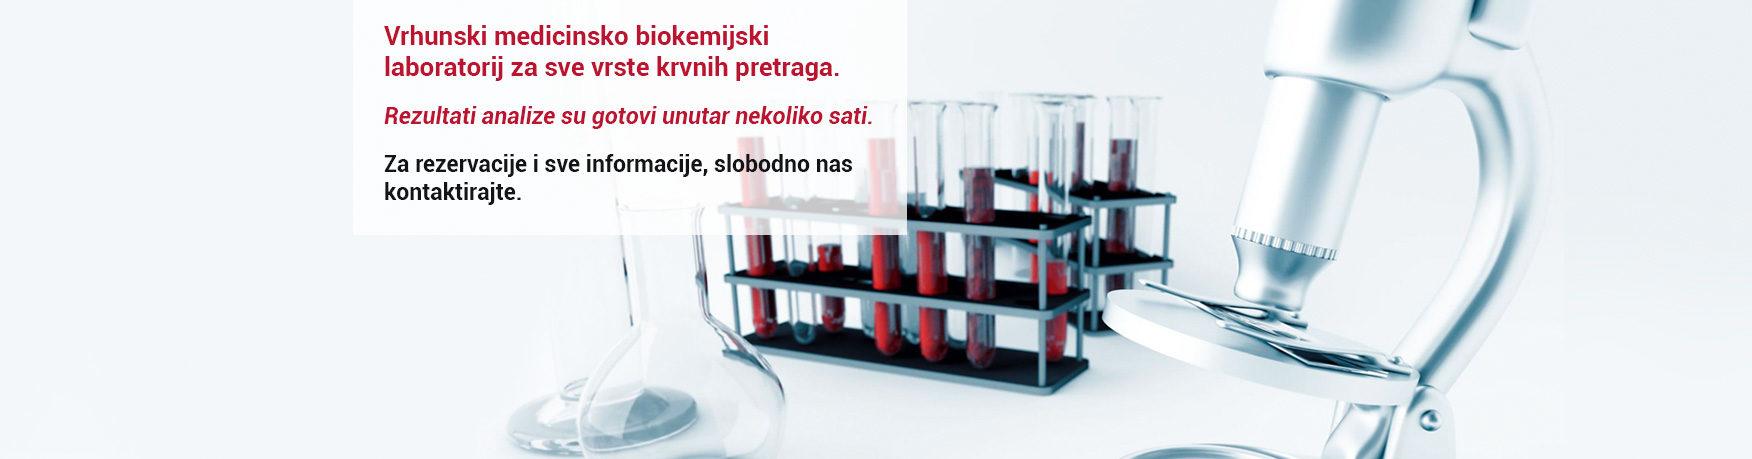 Vrhunski medicinsko biokemijski laboratorij